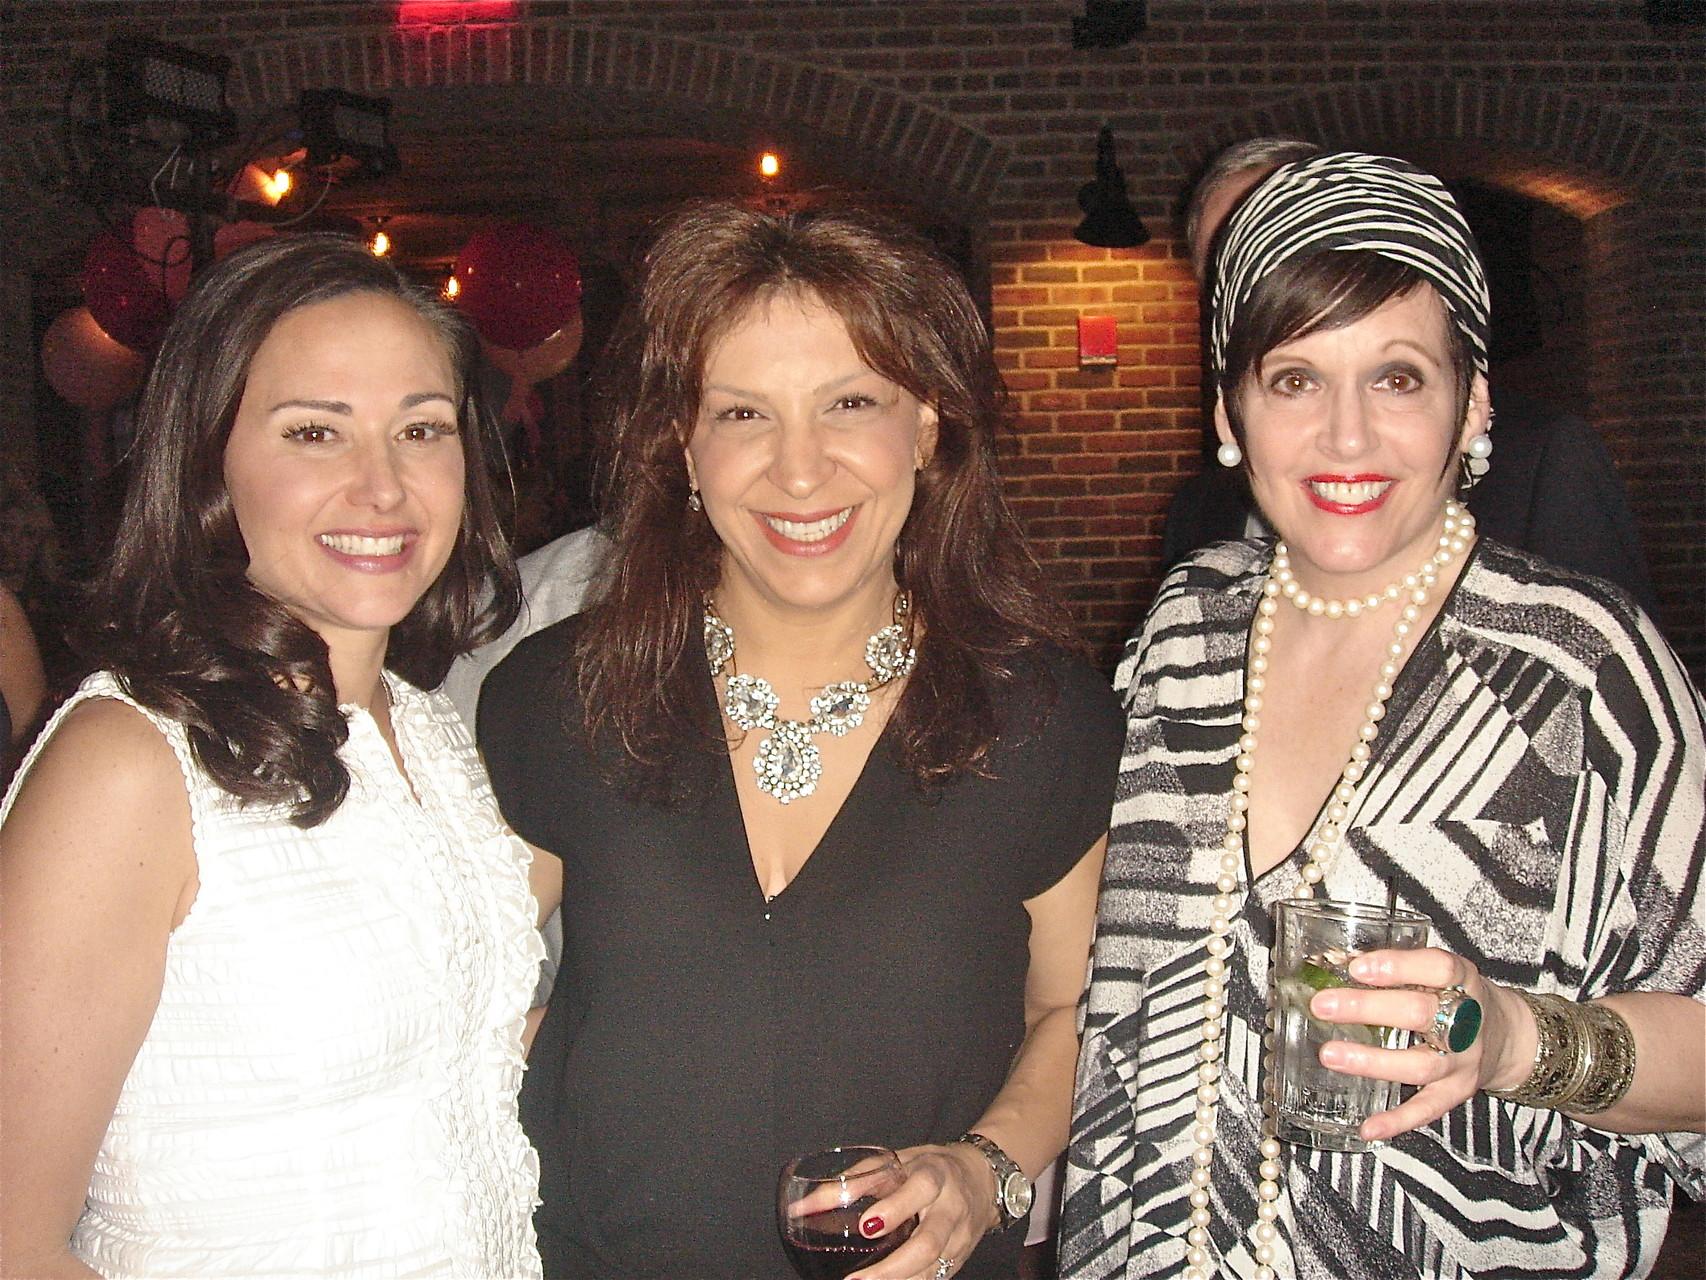 Allie Kagel, Carmelina Pagano, Liz Scheller